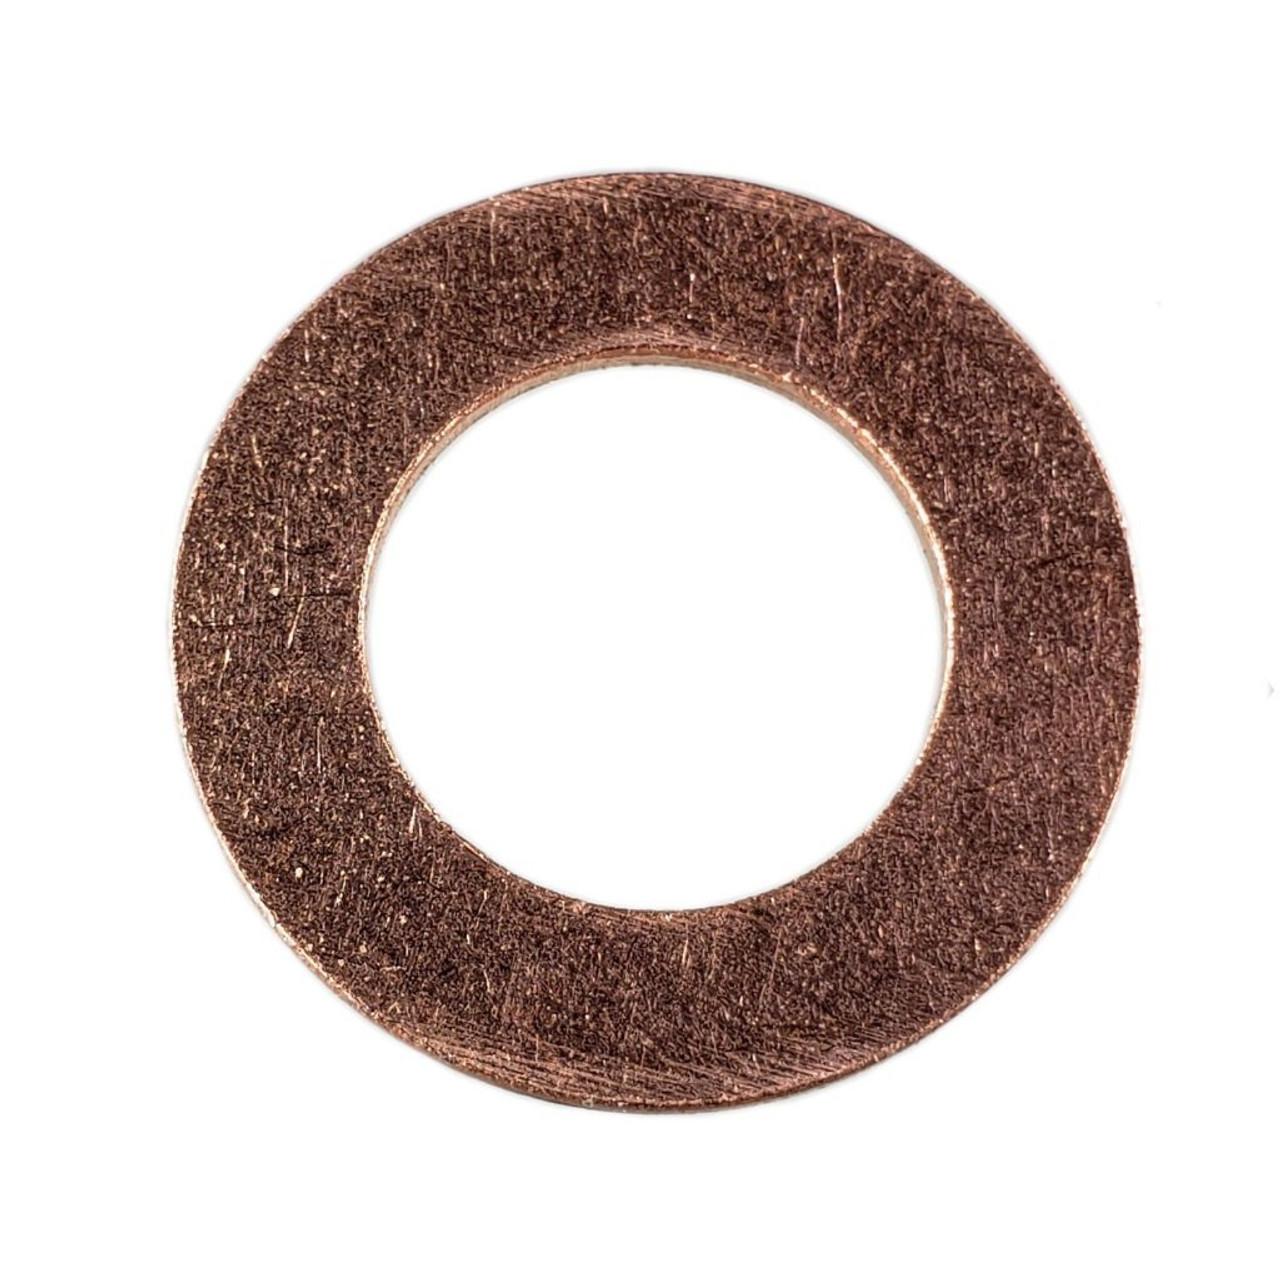 Qty 4 Dorman 11//16/'/' Copper Drain Plug Gasket 095-003